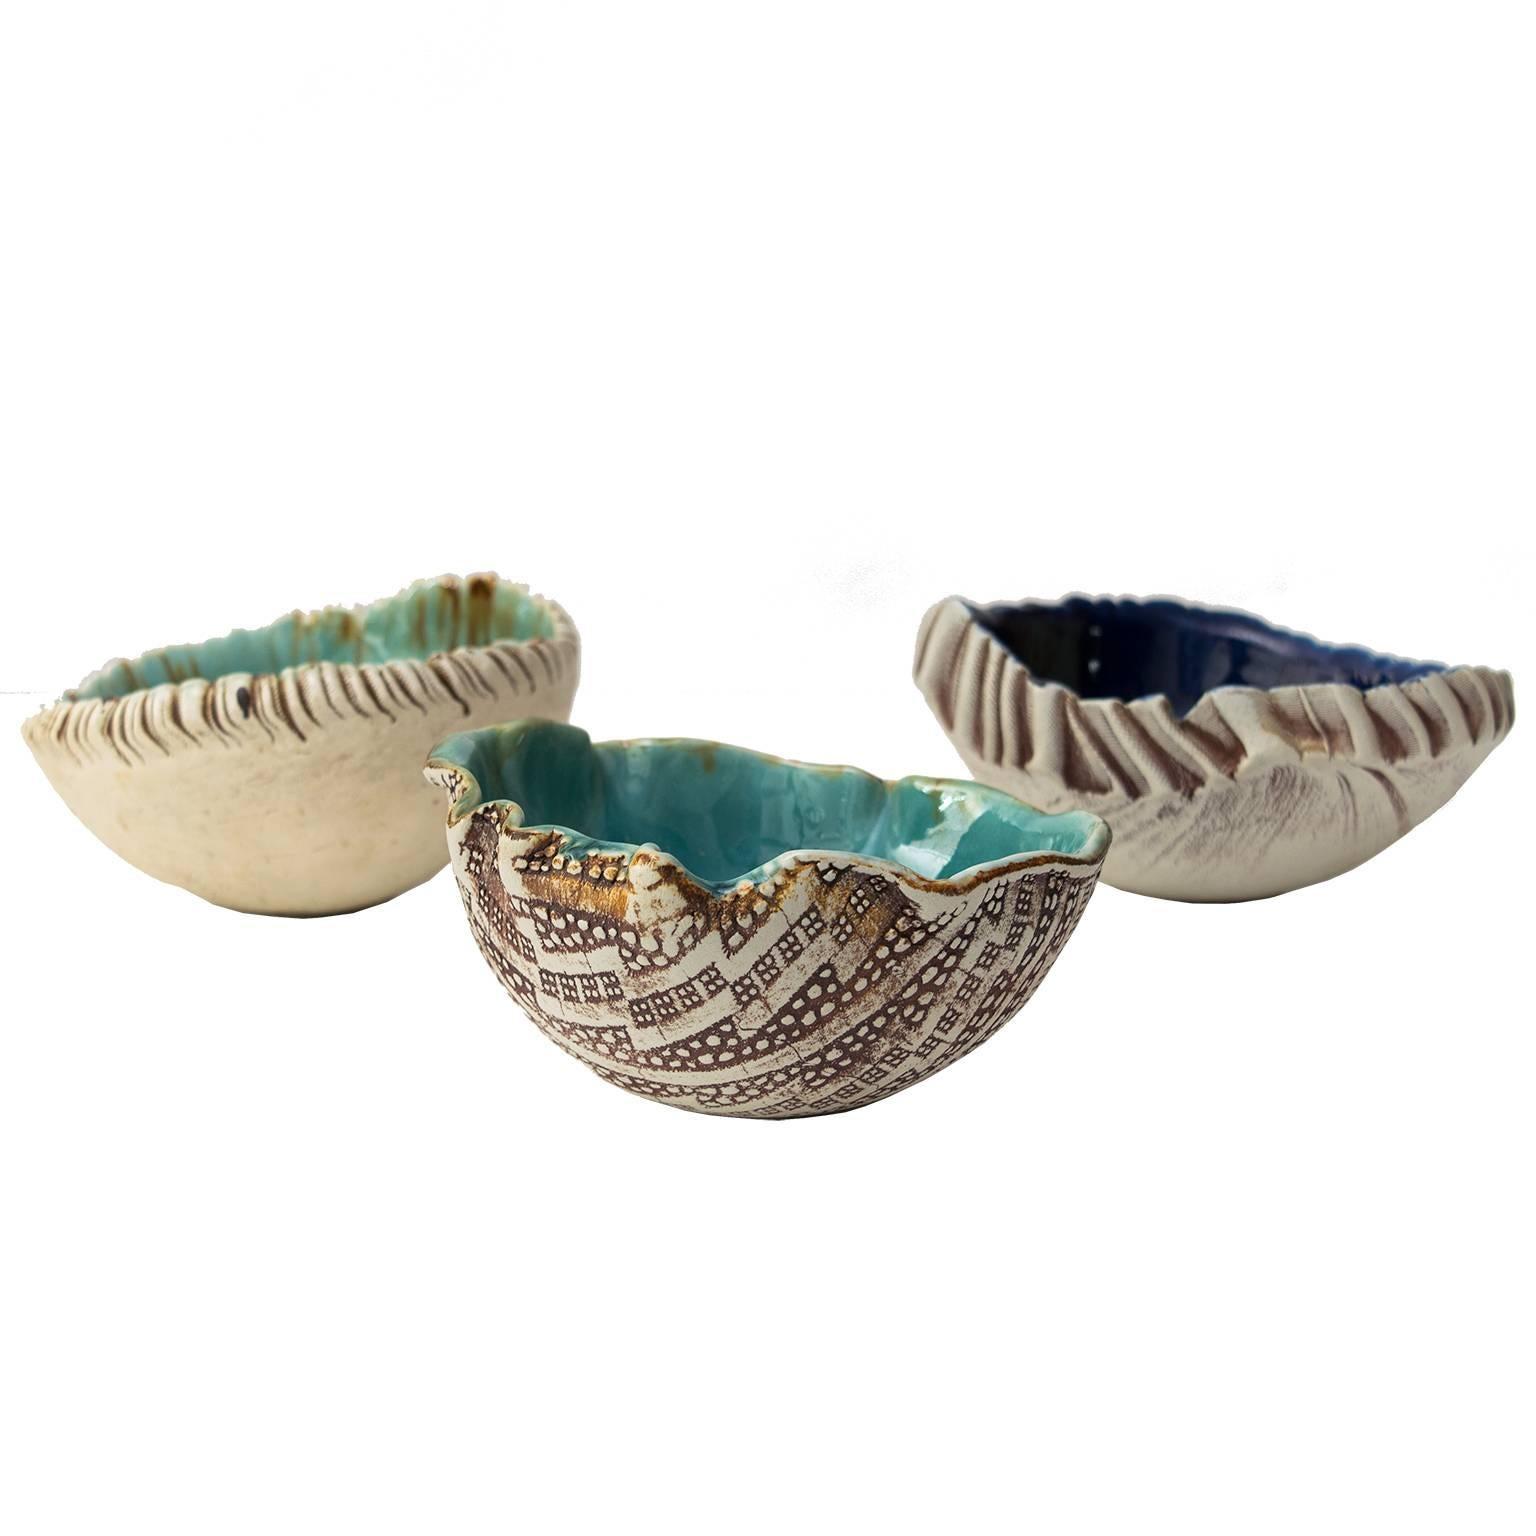 Three Scandinavian Modern Hand Built and Glazed Bowls by Artist Bengt Berglund